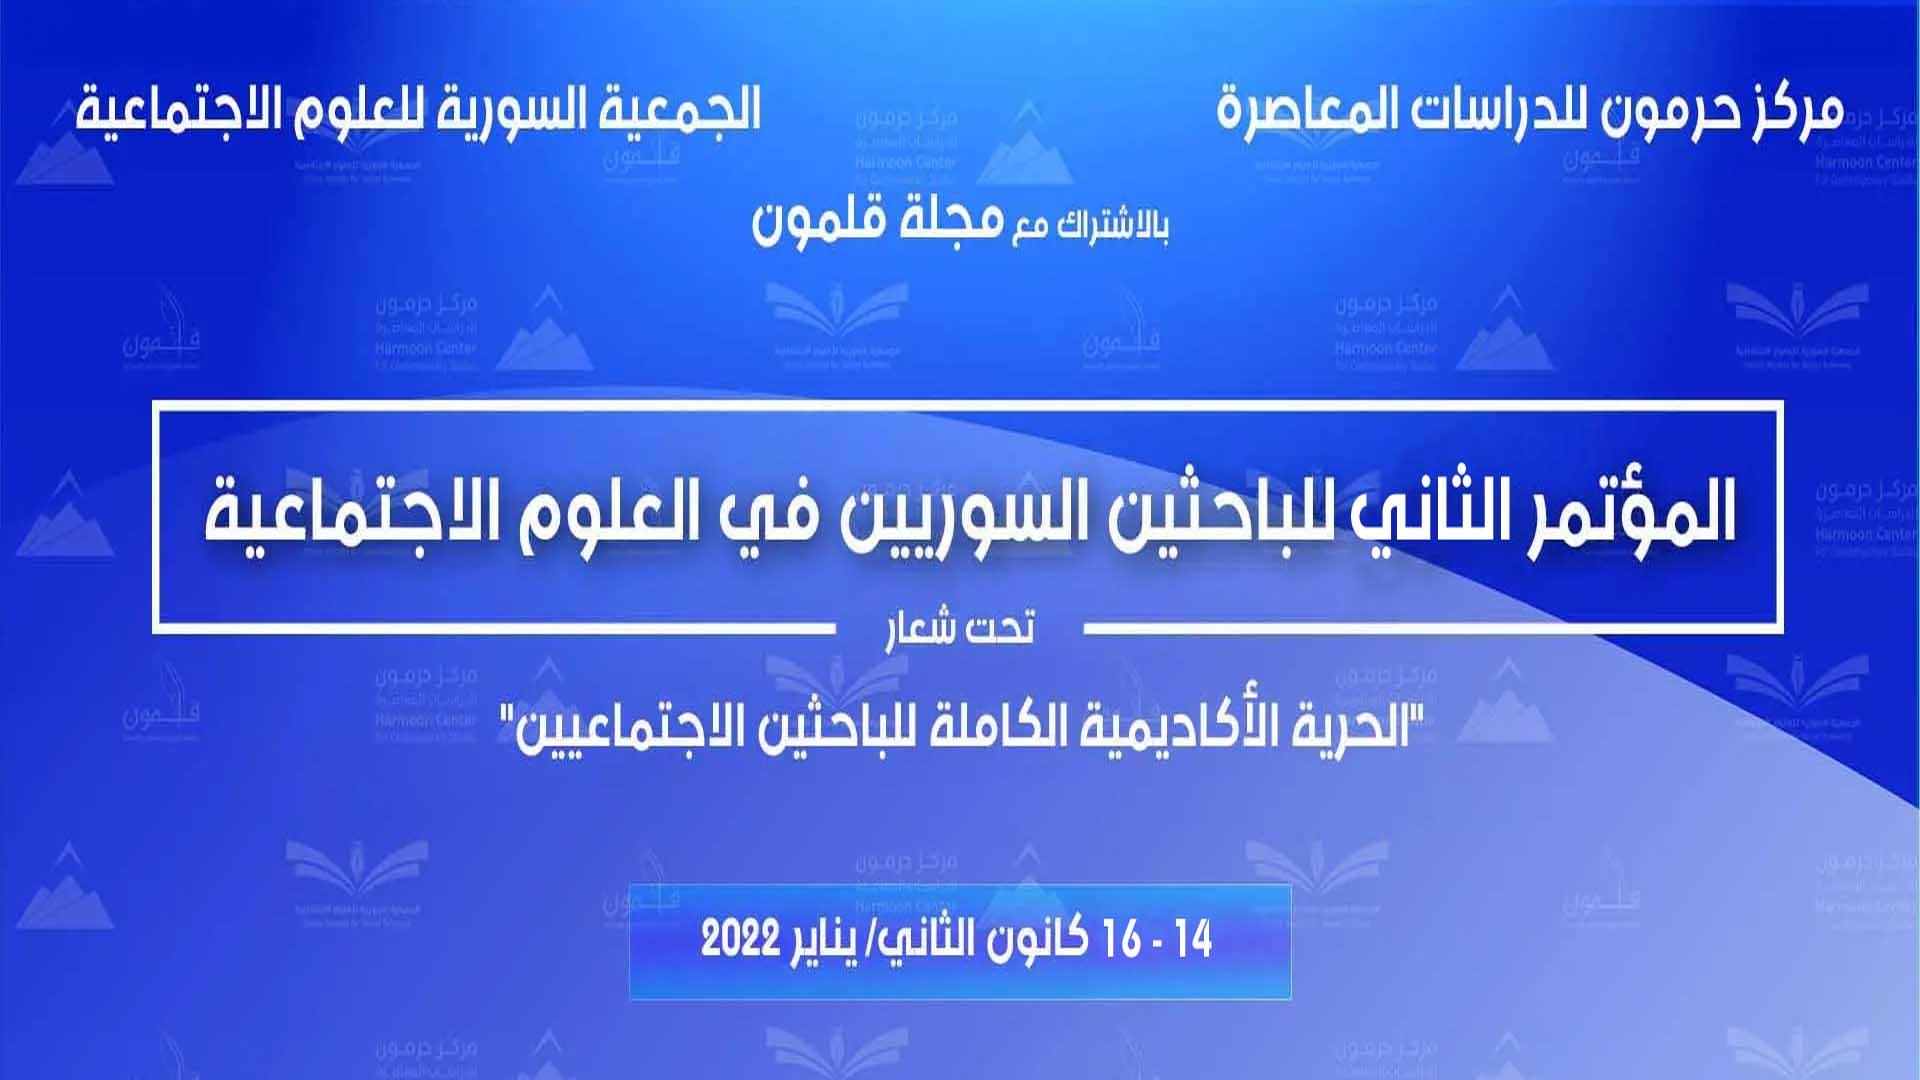 تمديد فترة استقبال المقترحات البحثية للمؤتمر الثاني للباحثين السوريين في العلوم الاجتماعية